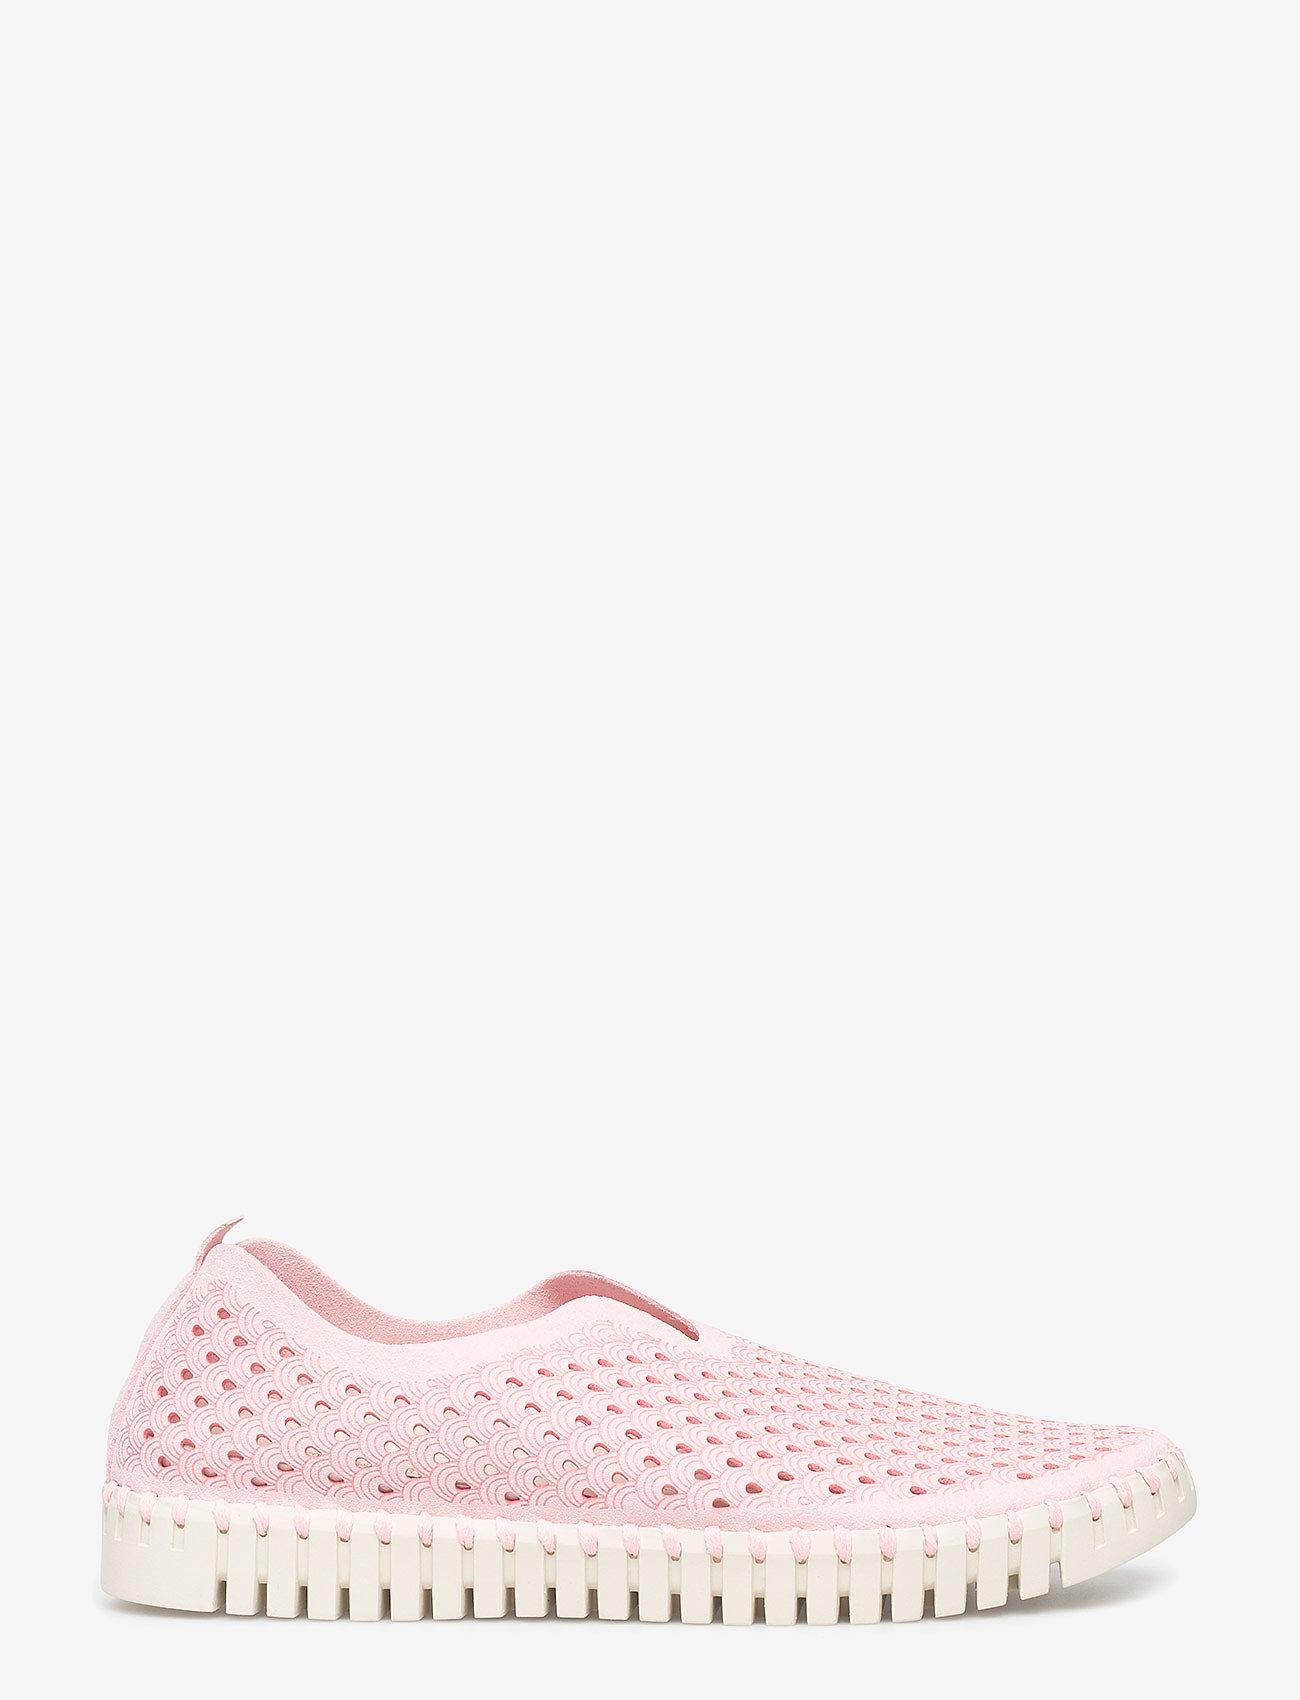 Ilse Jacobsen - Flats - slip-on sneakers - 378 adobe rose - 1